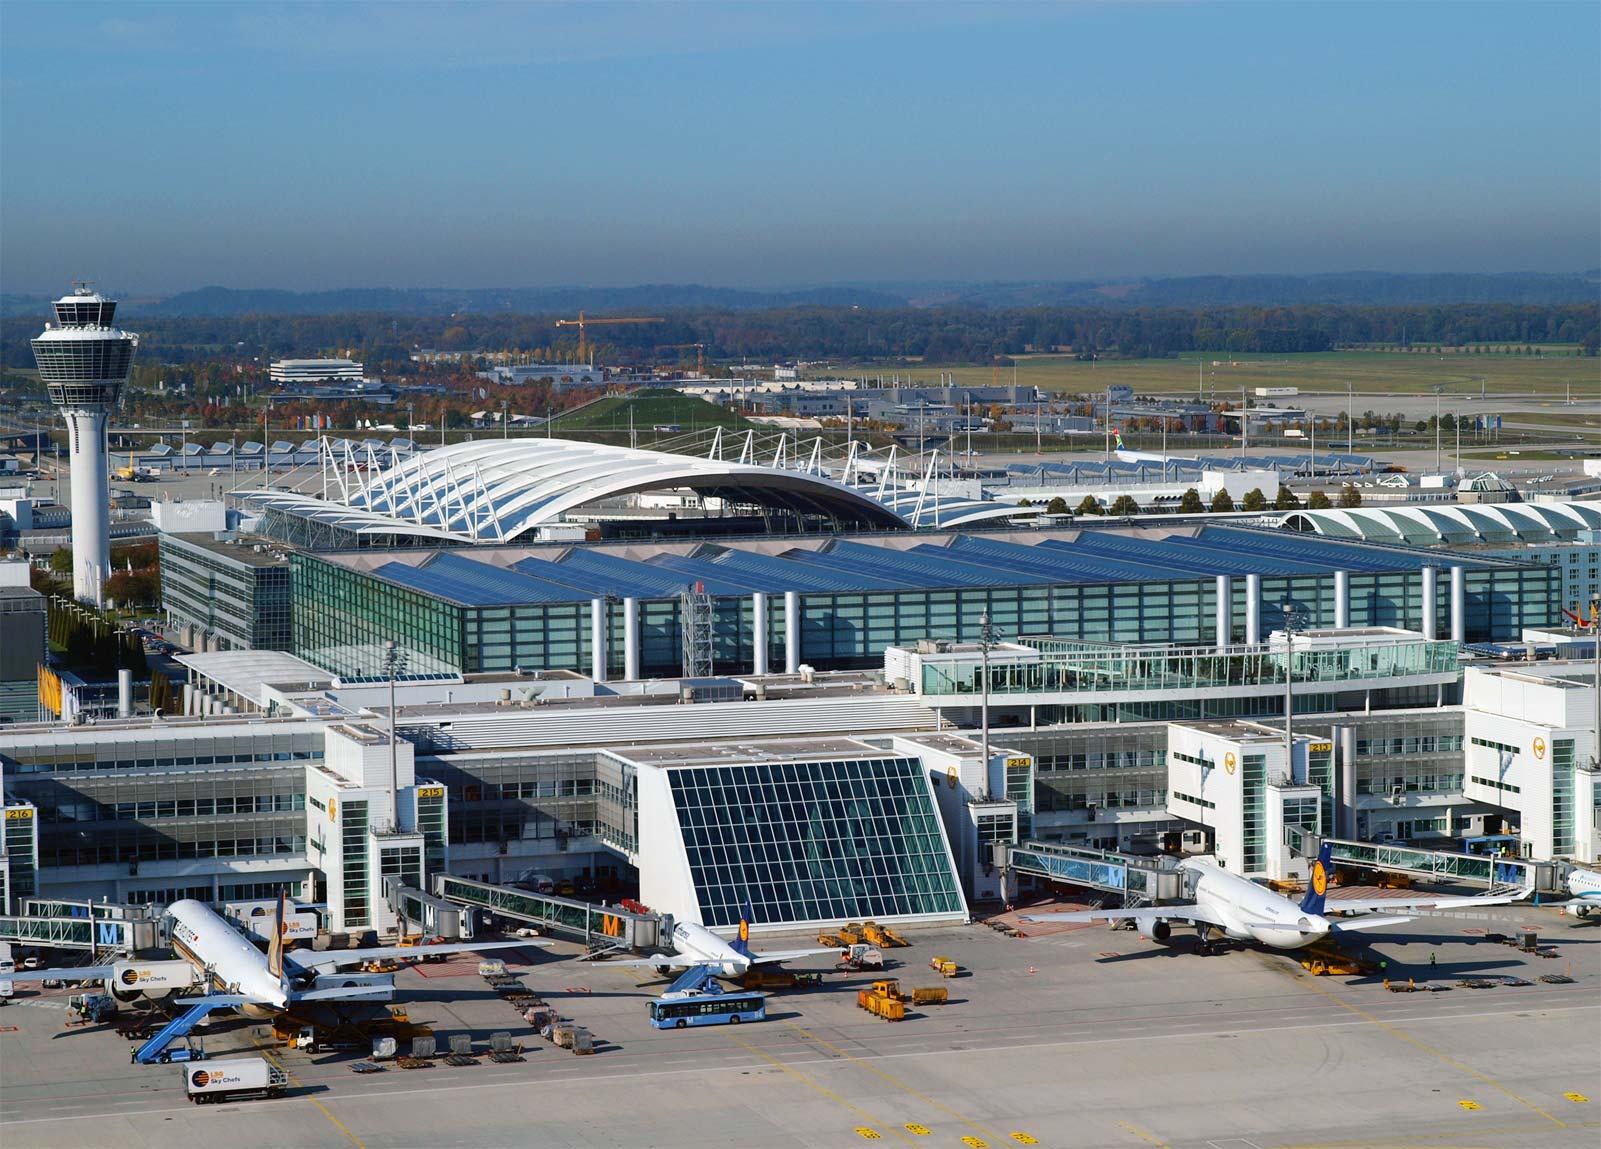 10 вещей, которые нельзя делать при прохождении службы безопасности аэропорта